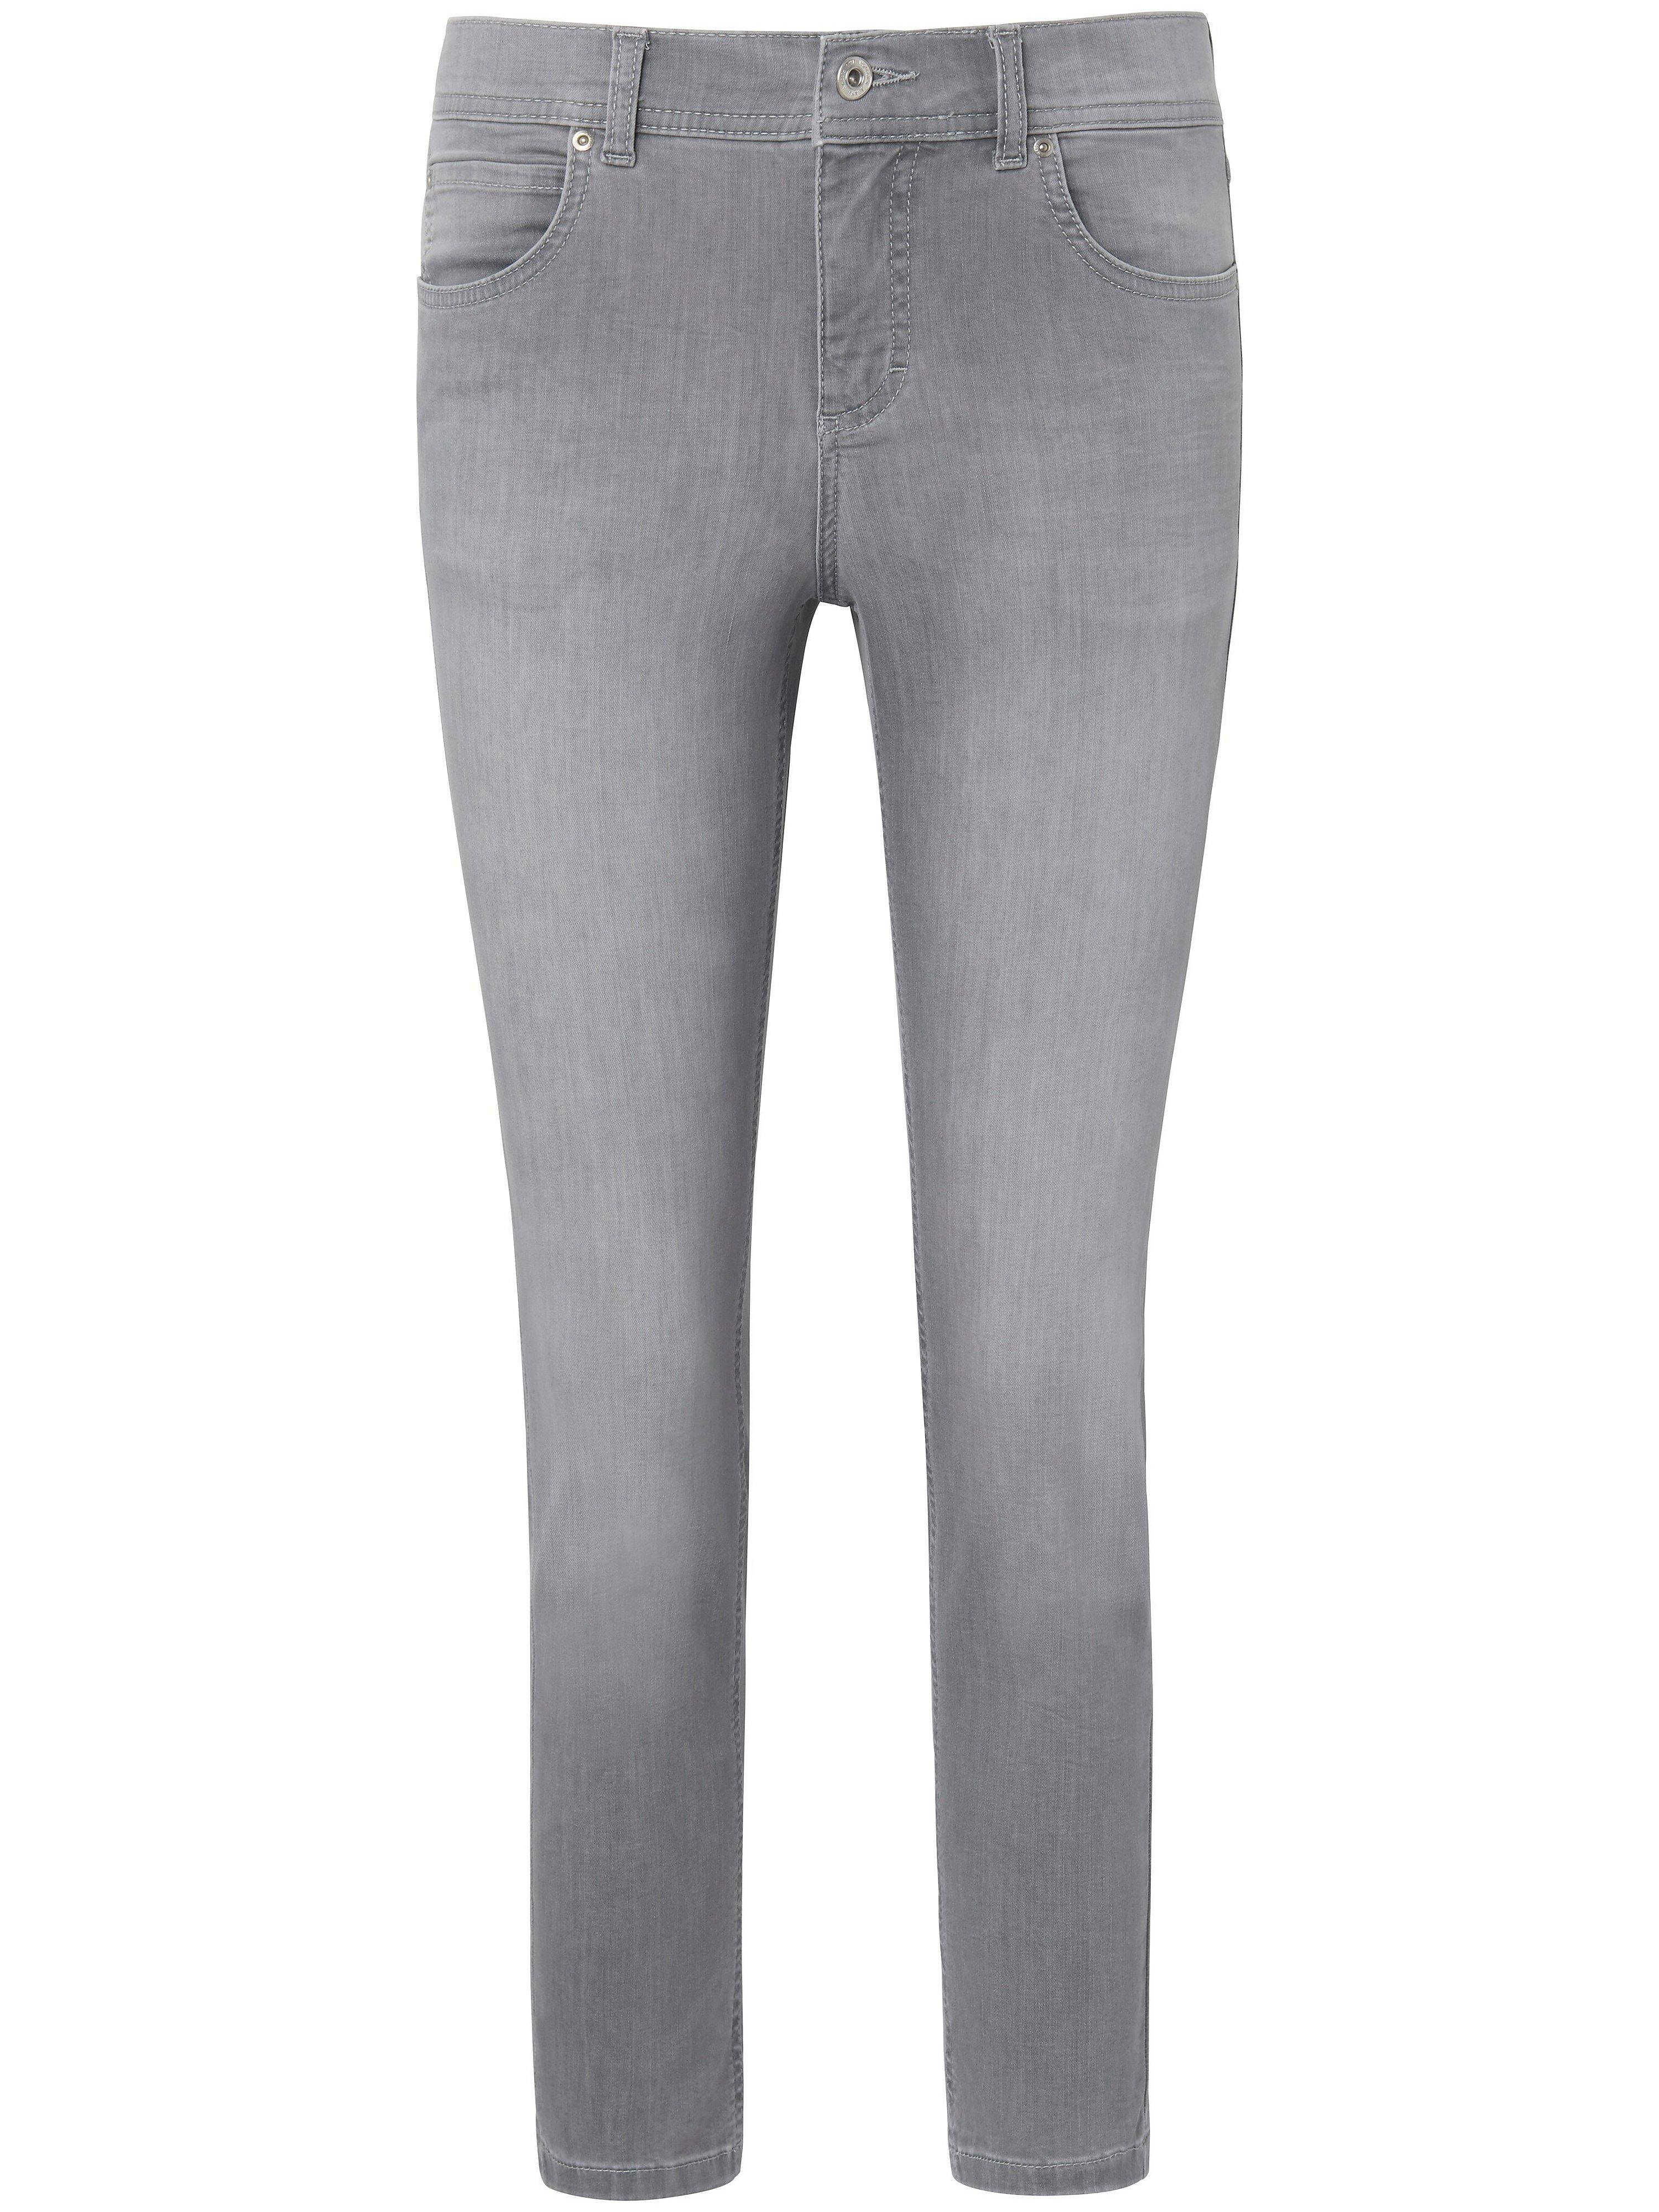 Regular fit jeans design Dolly ANGELS grey